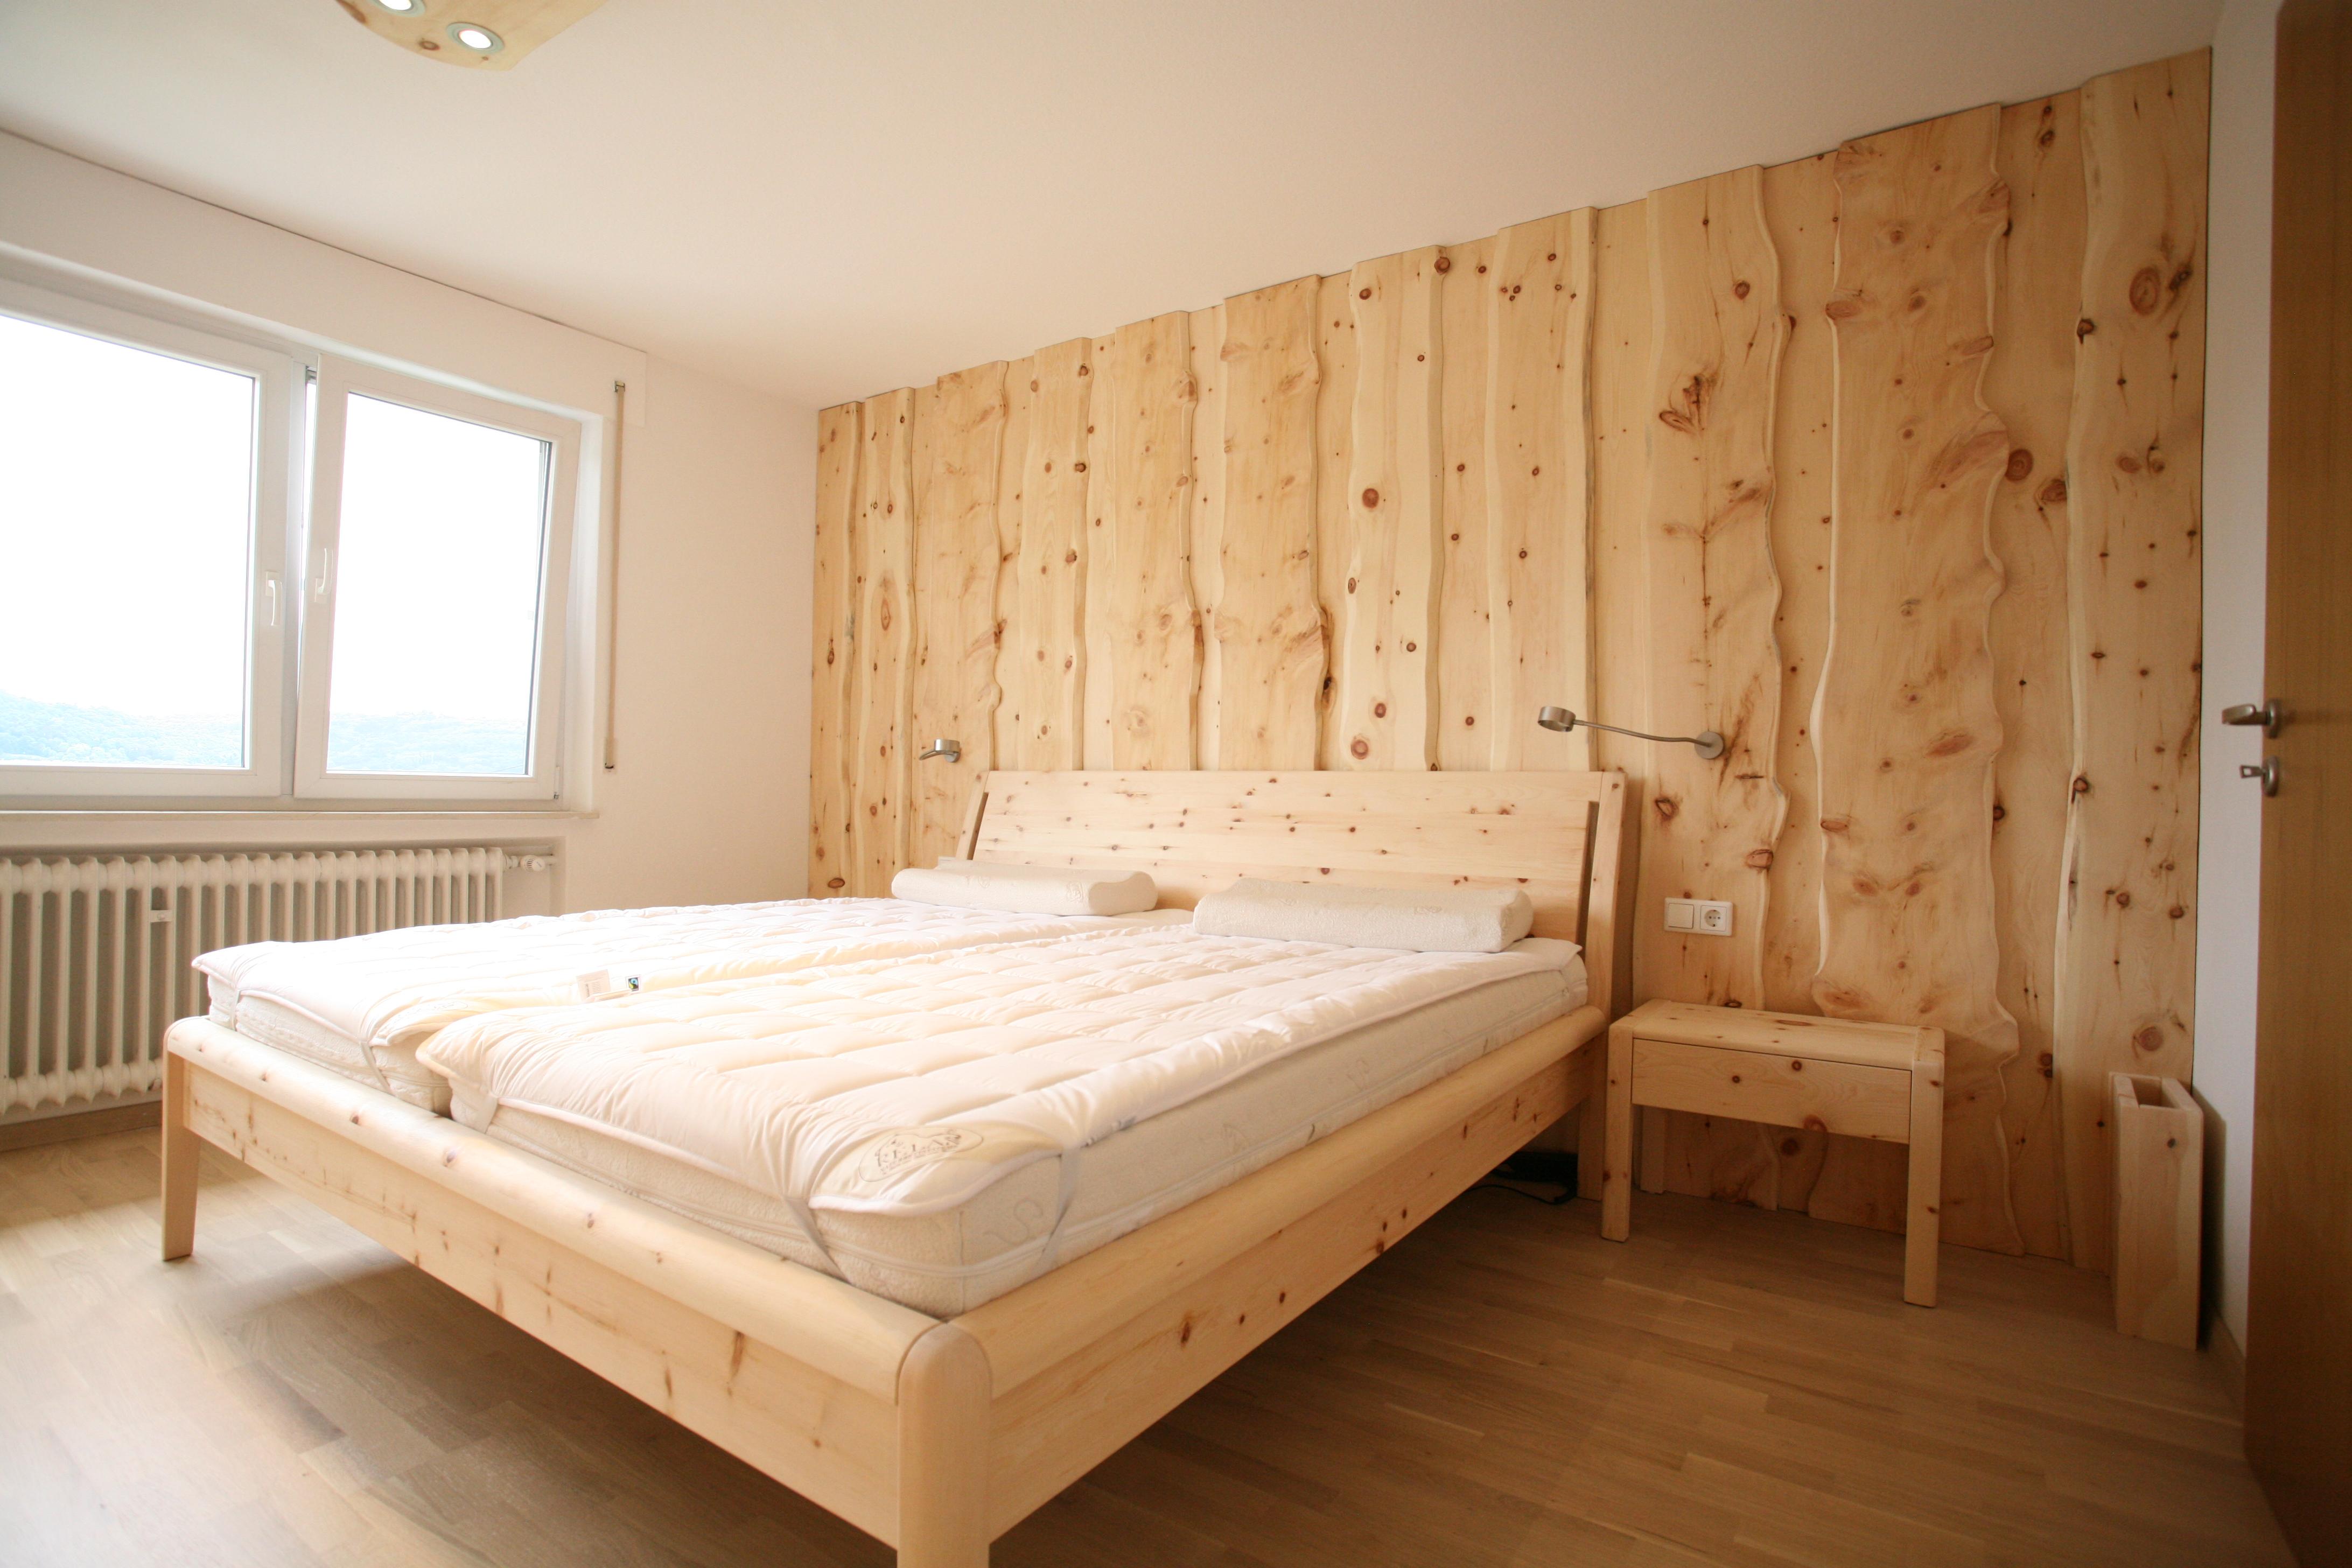 Zirbenholz - für bessere Gesundheit - bei der Schreinerei Burkhardt